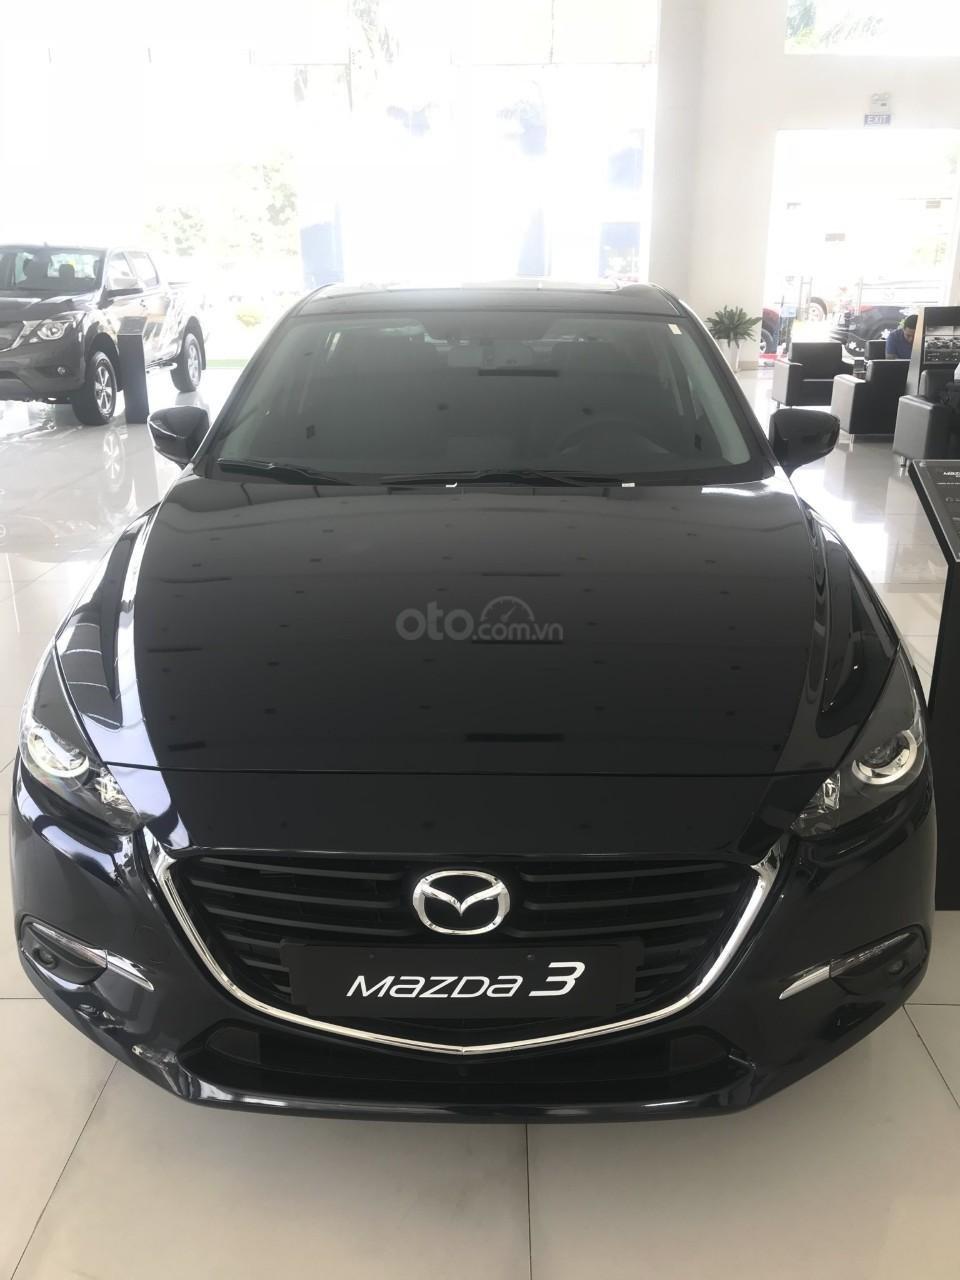 Bán Mazda 3 2019 ưu đãi khủng 190tr lấy xe ngay-0